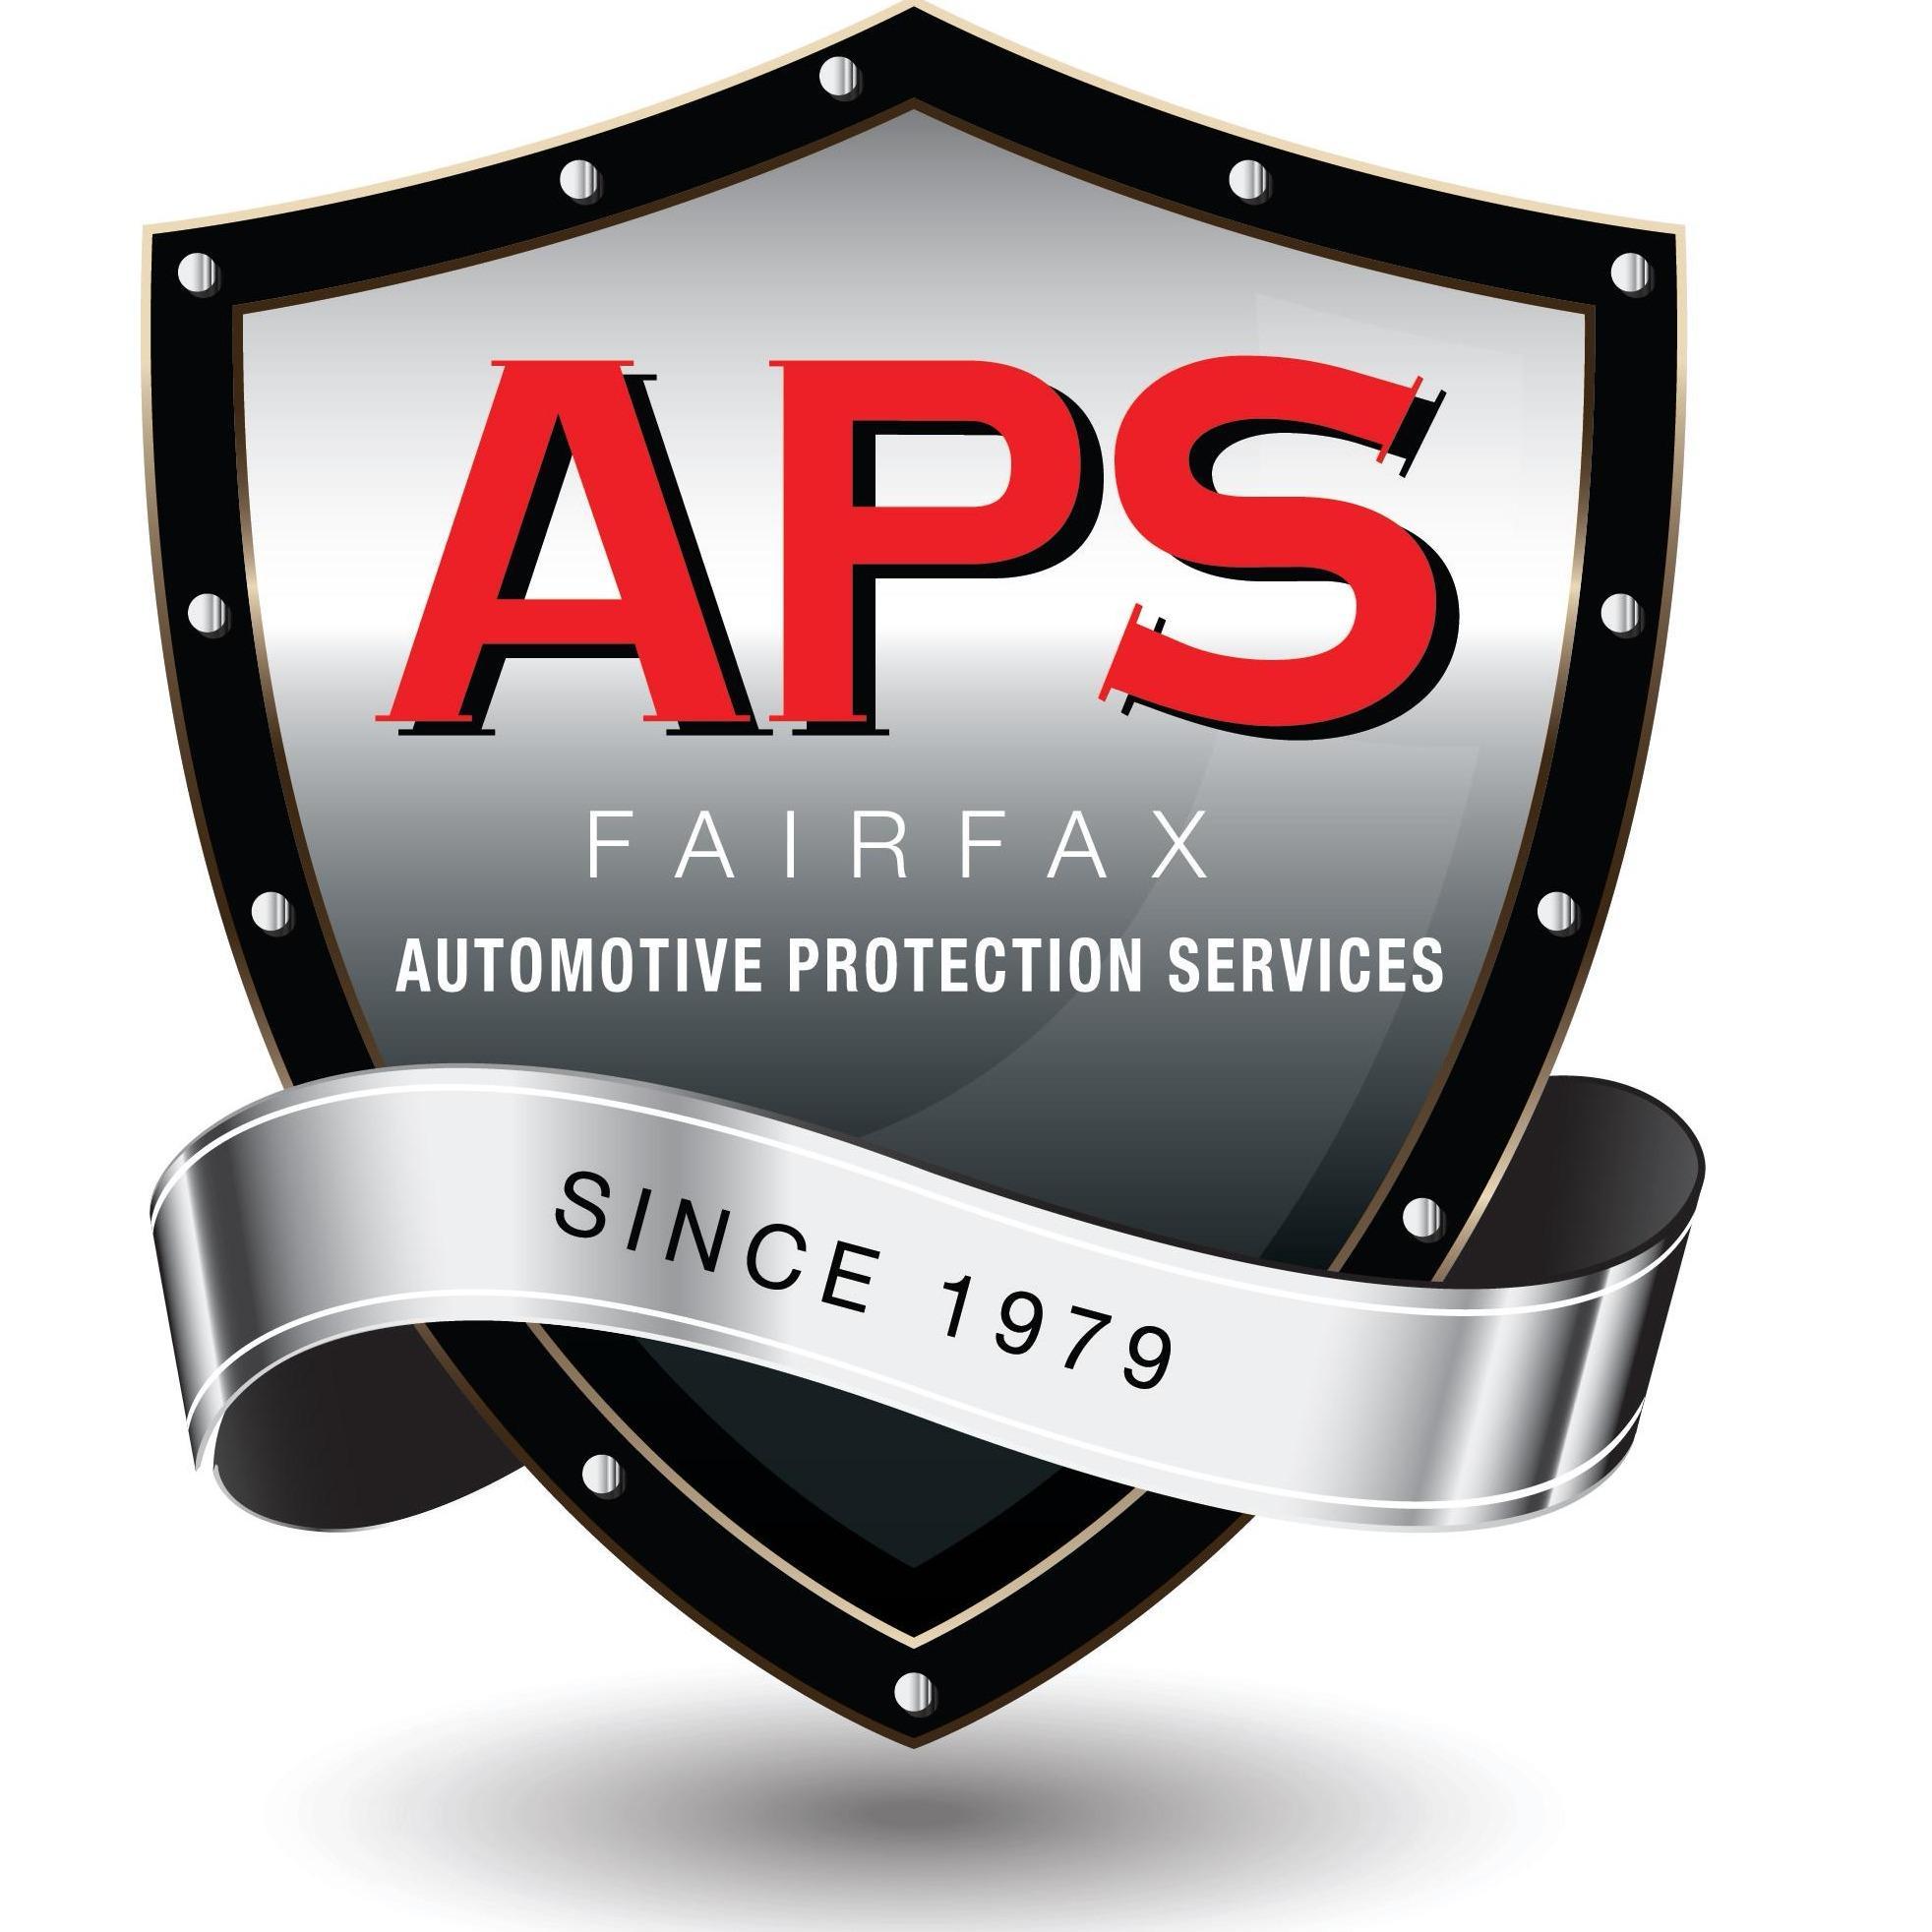 Automotive Protection Services